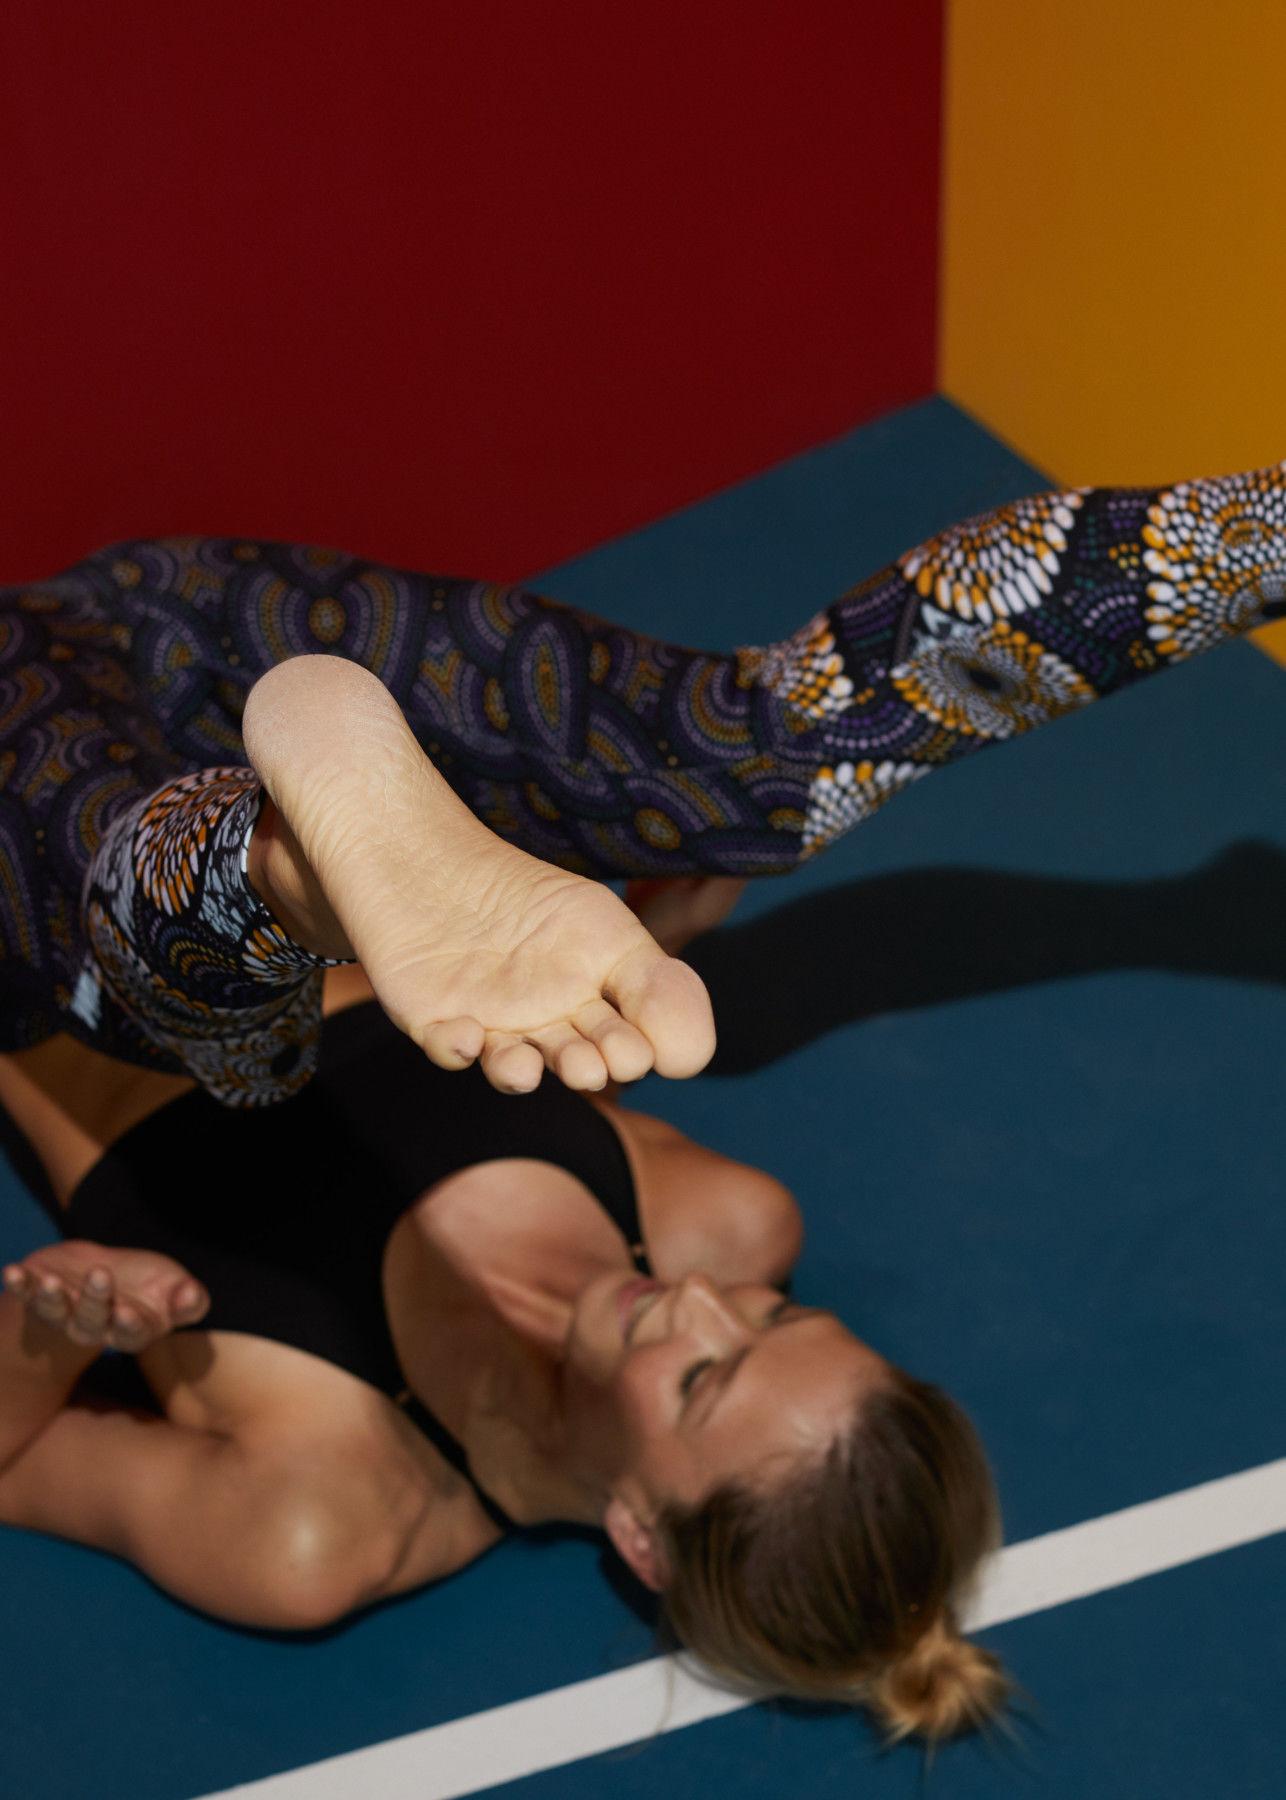 UPFRONT PHOTO & FILM GMBH: Monika Höfler for Ognx